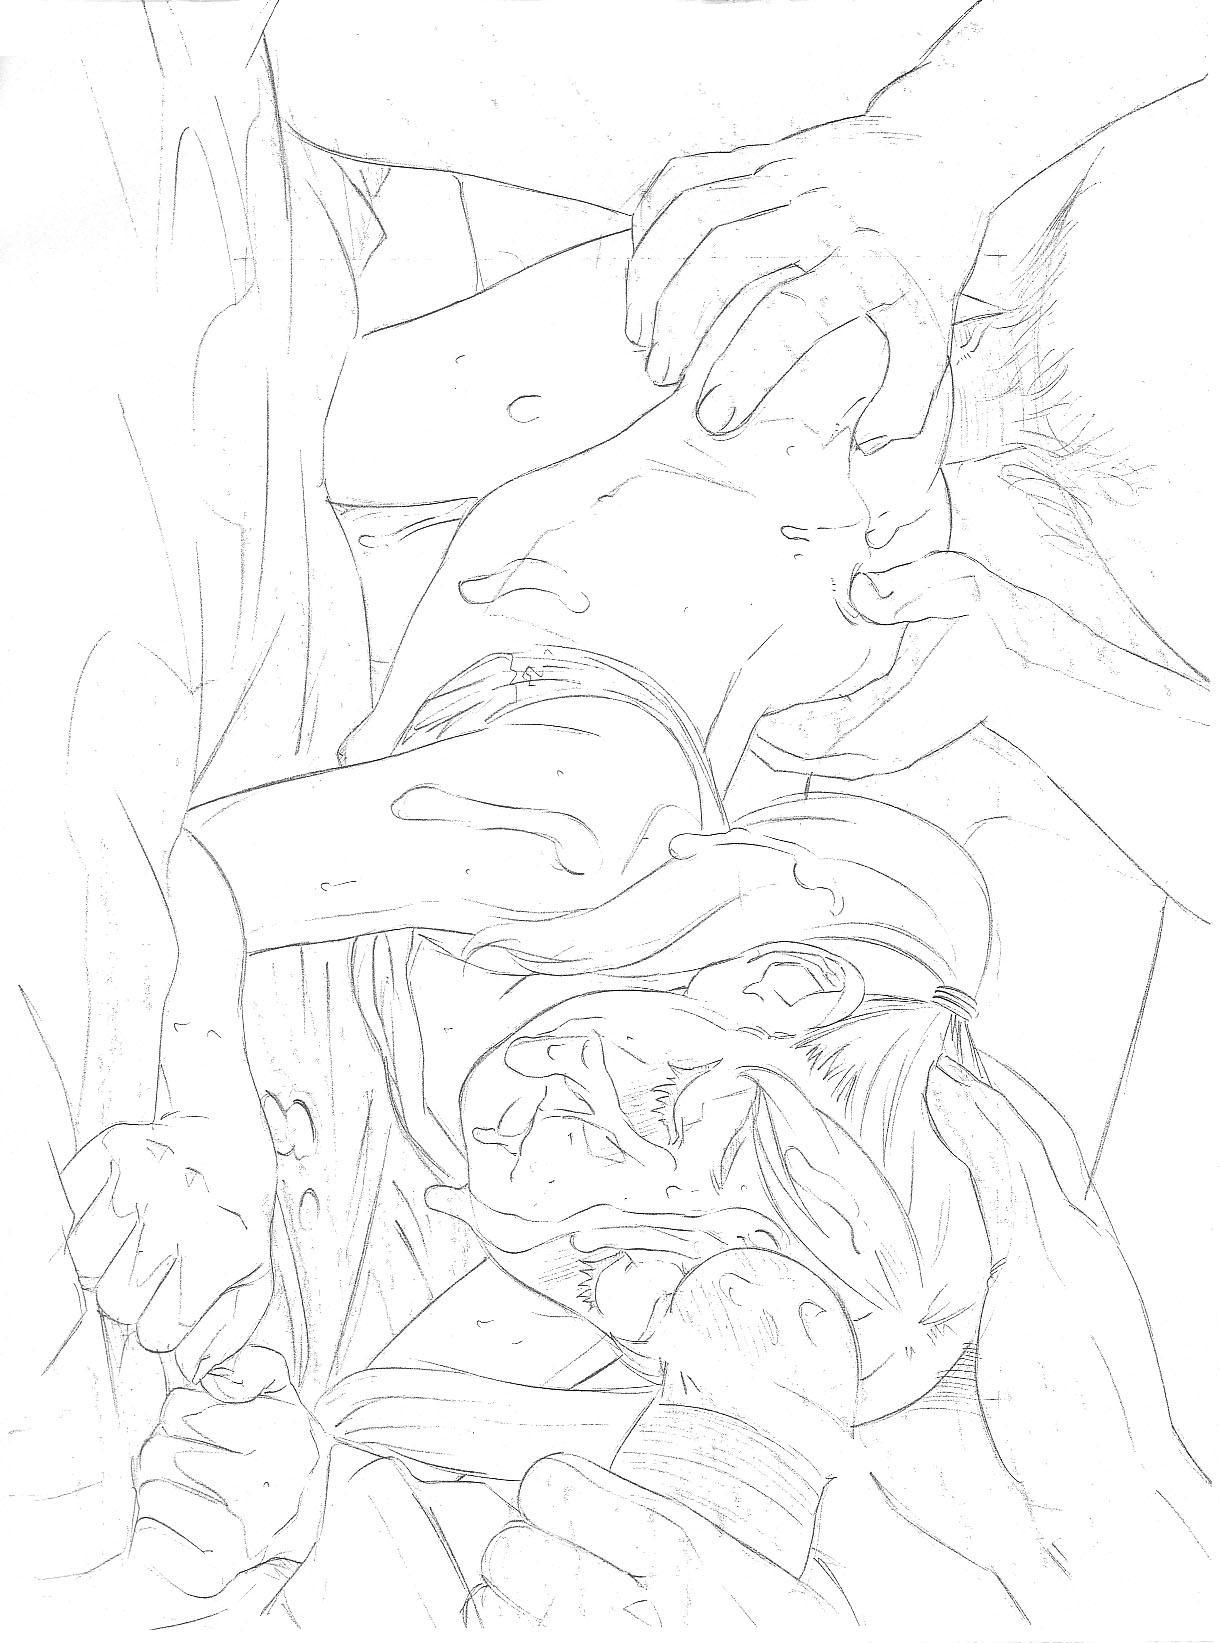 Original Rough Genga Copy Shuu 27